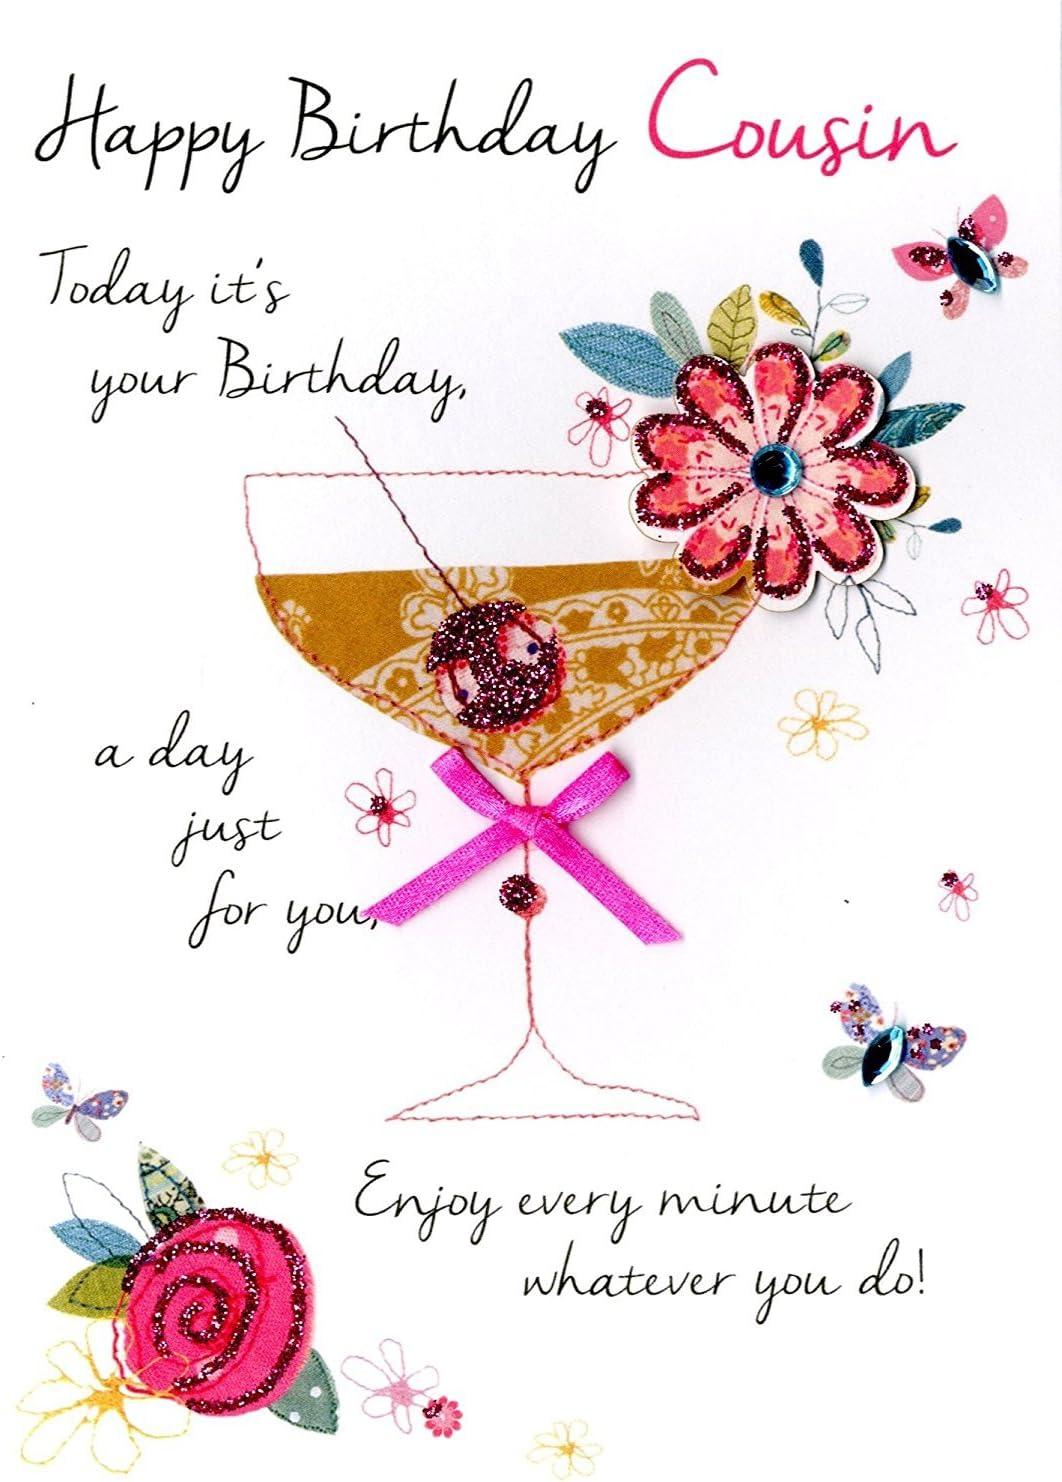 Geburtstagskarte Von Cousin Oder Cousine Fur Madchen Zum 2